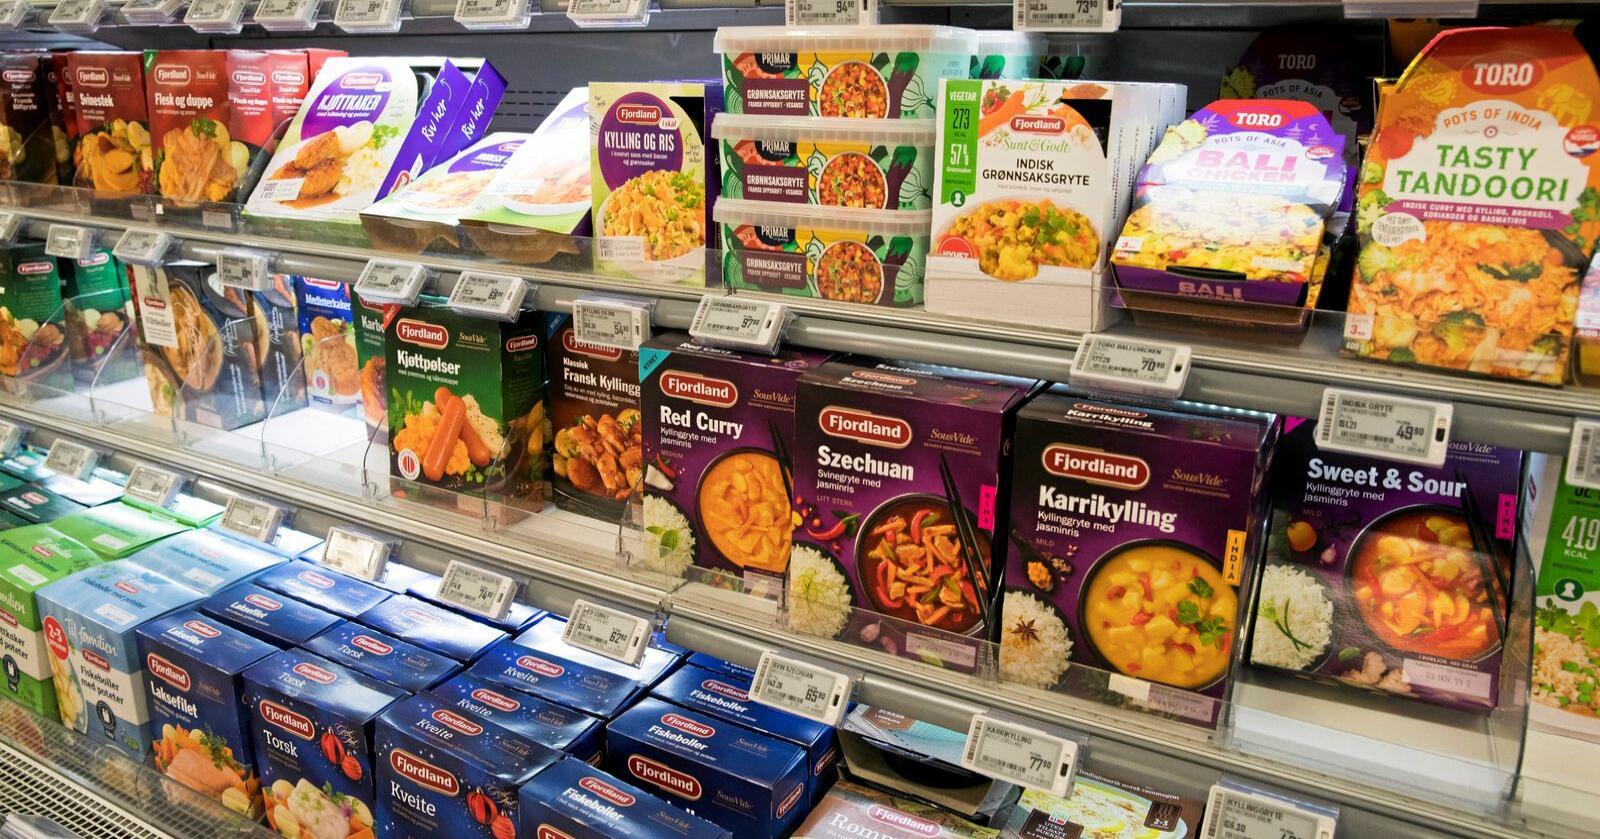 Forbrukerrådet vil redusere matsvinnet ved at man slutter med «3 for 2-tilbud». Foto: Terje Pedersen / NTB